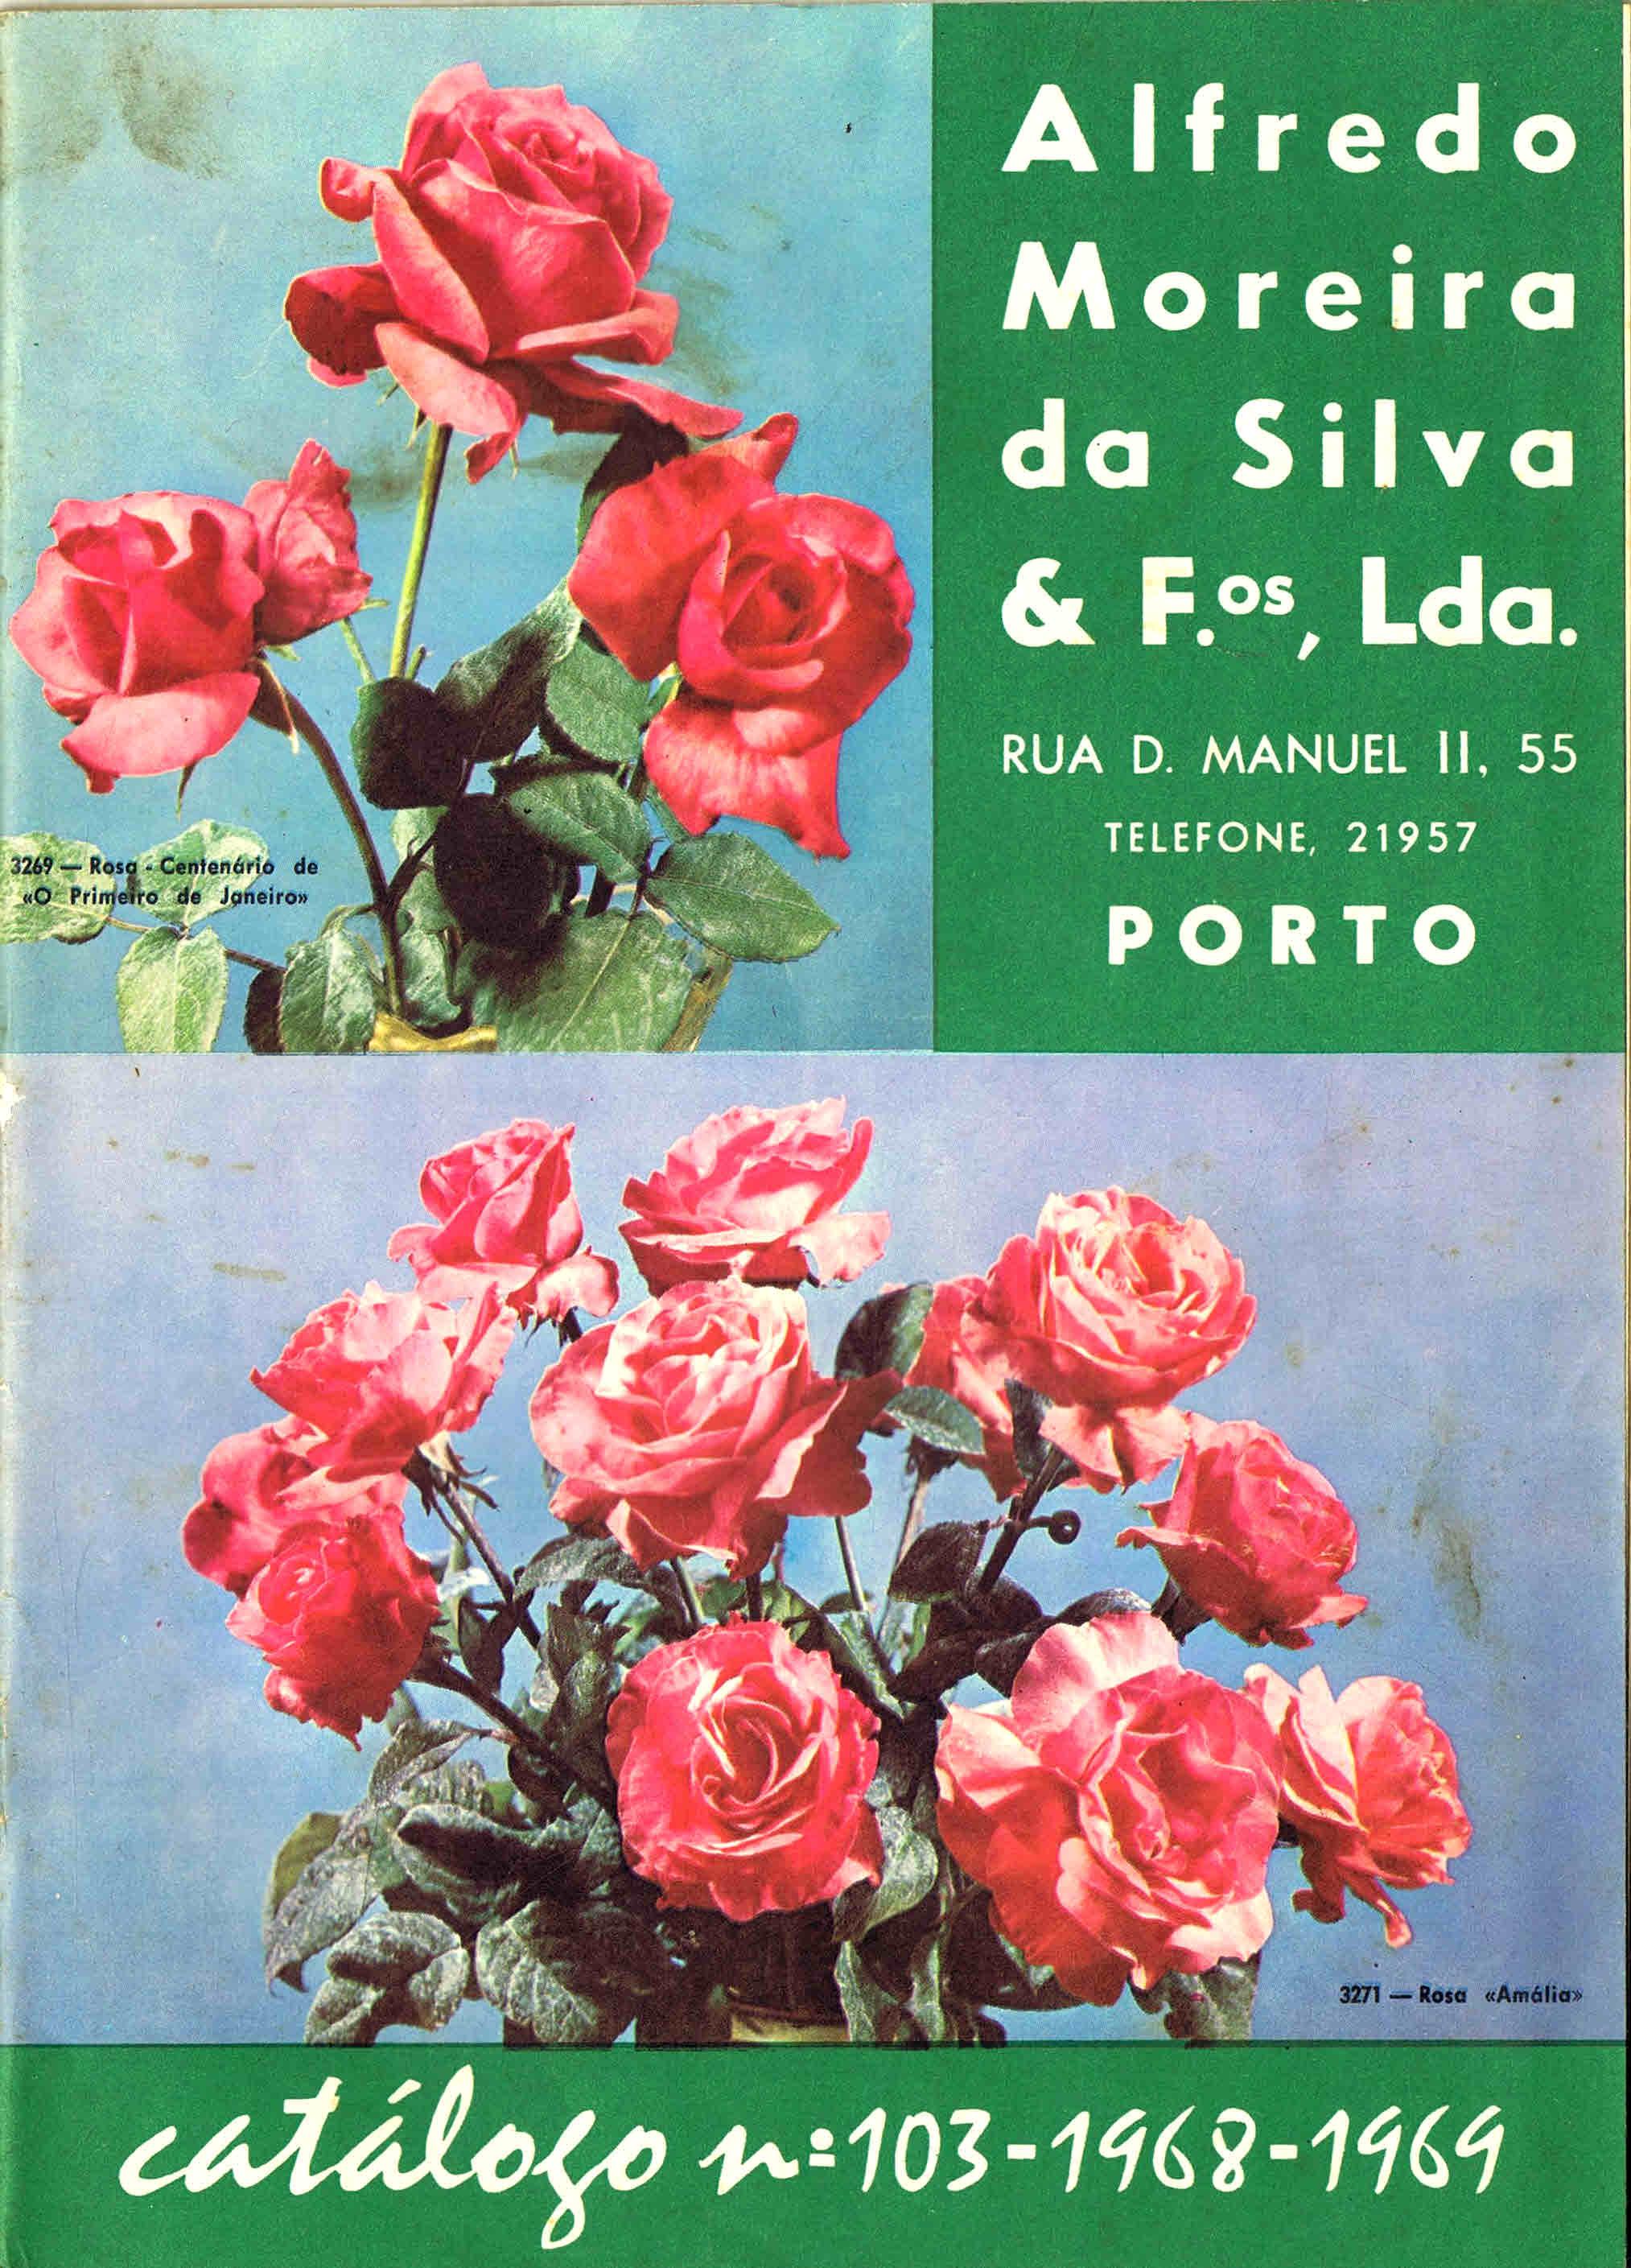 CATALOGO HORTICOLA MOREIRA DA SILVA & Fos Lda nº 103 1968-1969